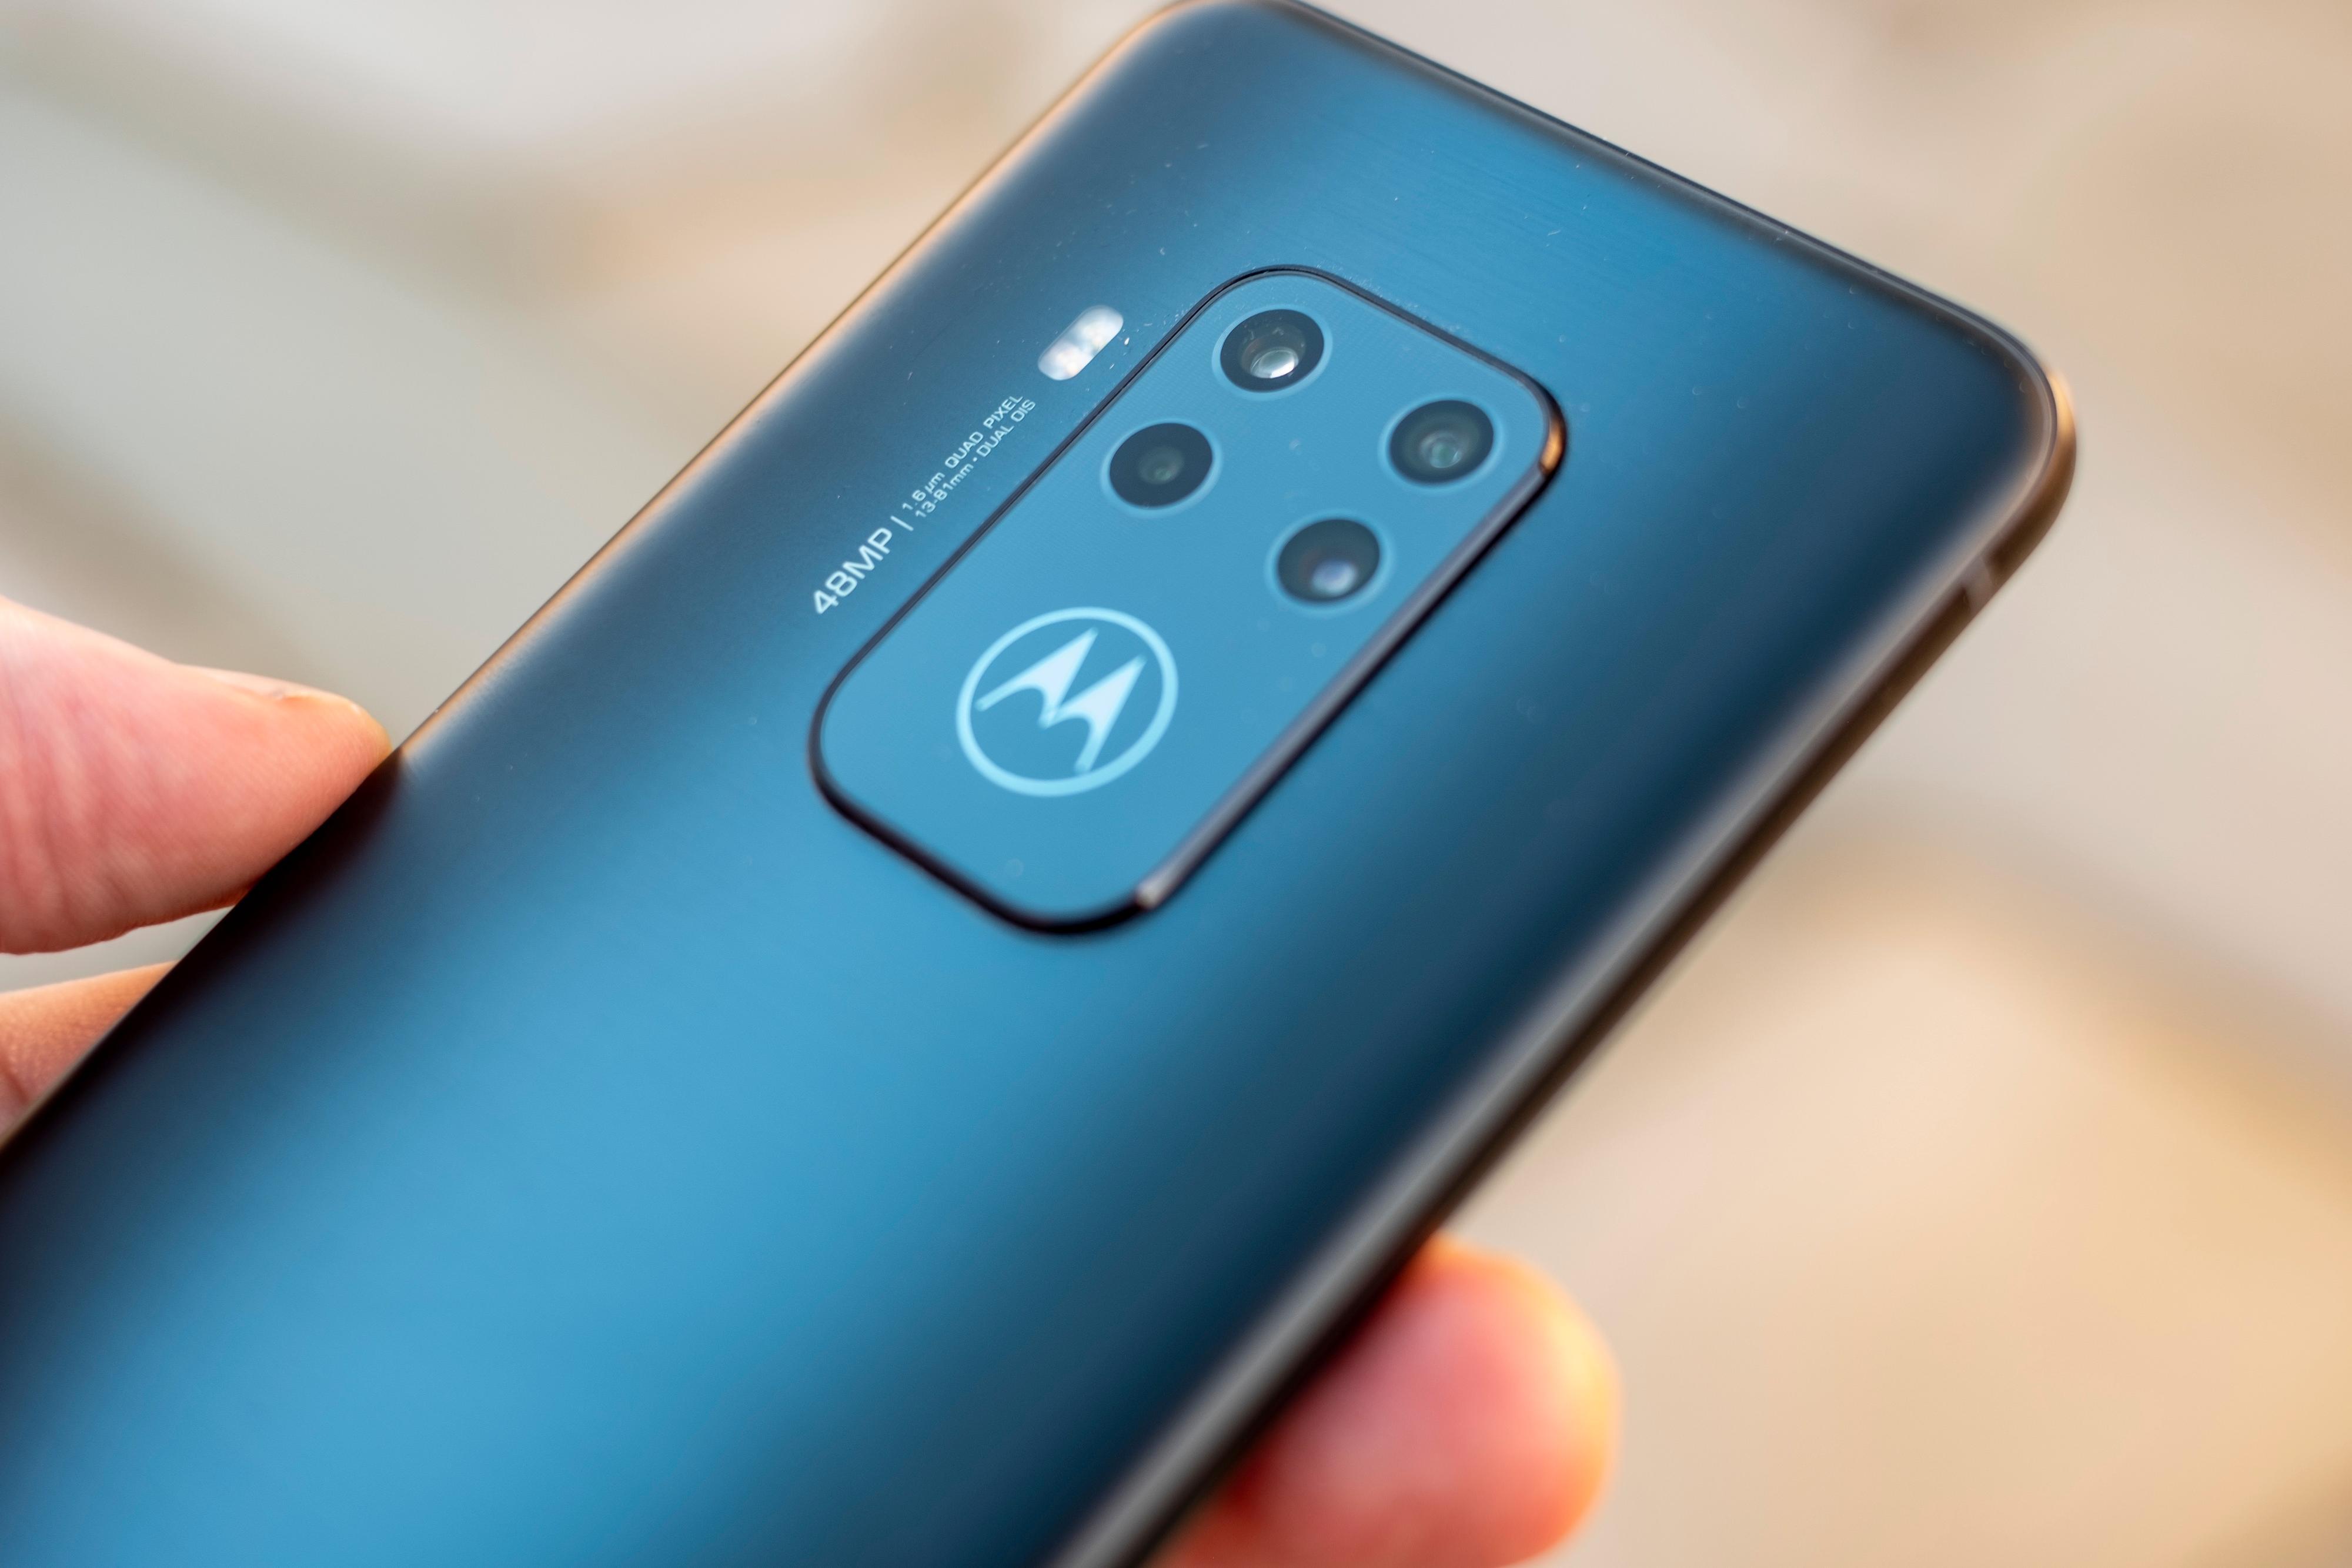 Den graderte gråfargen på baksiden av testeksemplaret gjør at det ser riktig så lekkert ut. Men det finnes versjoner av denne mobilen som er brune og lilla. Begge ser enda litt mer spesielle ut, hvis du liker det fargerikt. Foreløpig er det bare den grå som dukker opp i norske butikker, ifølge Motorola.